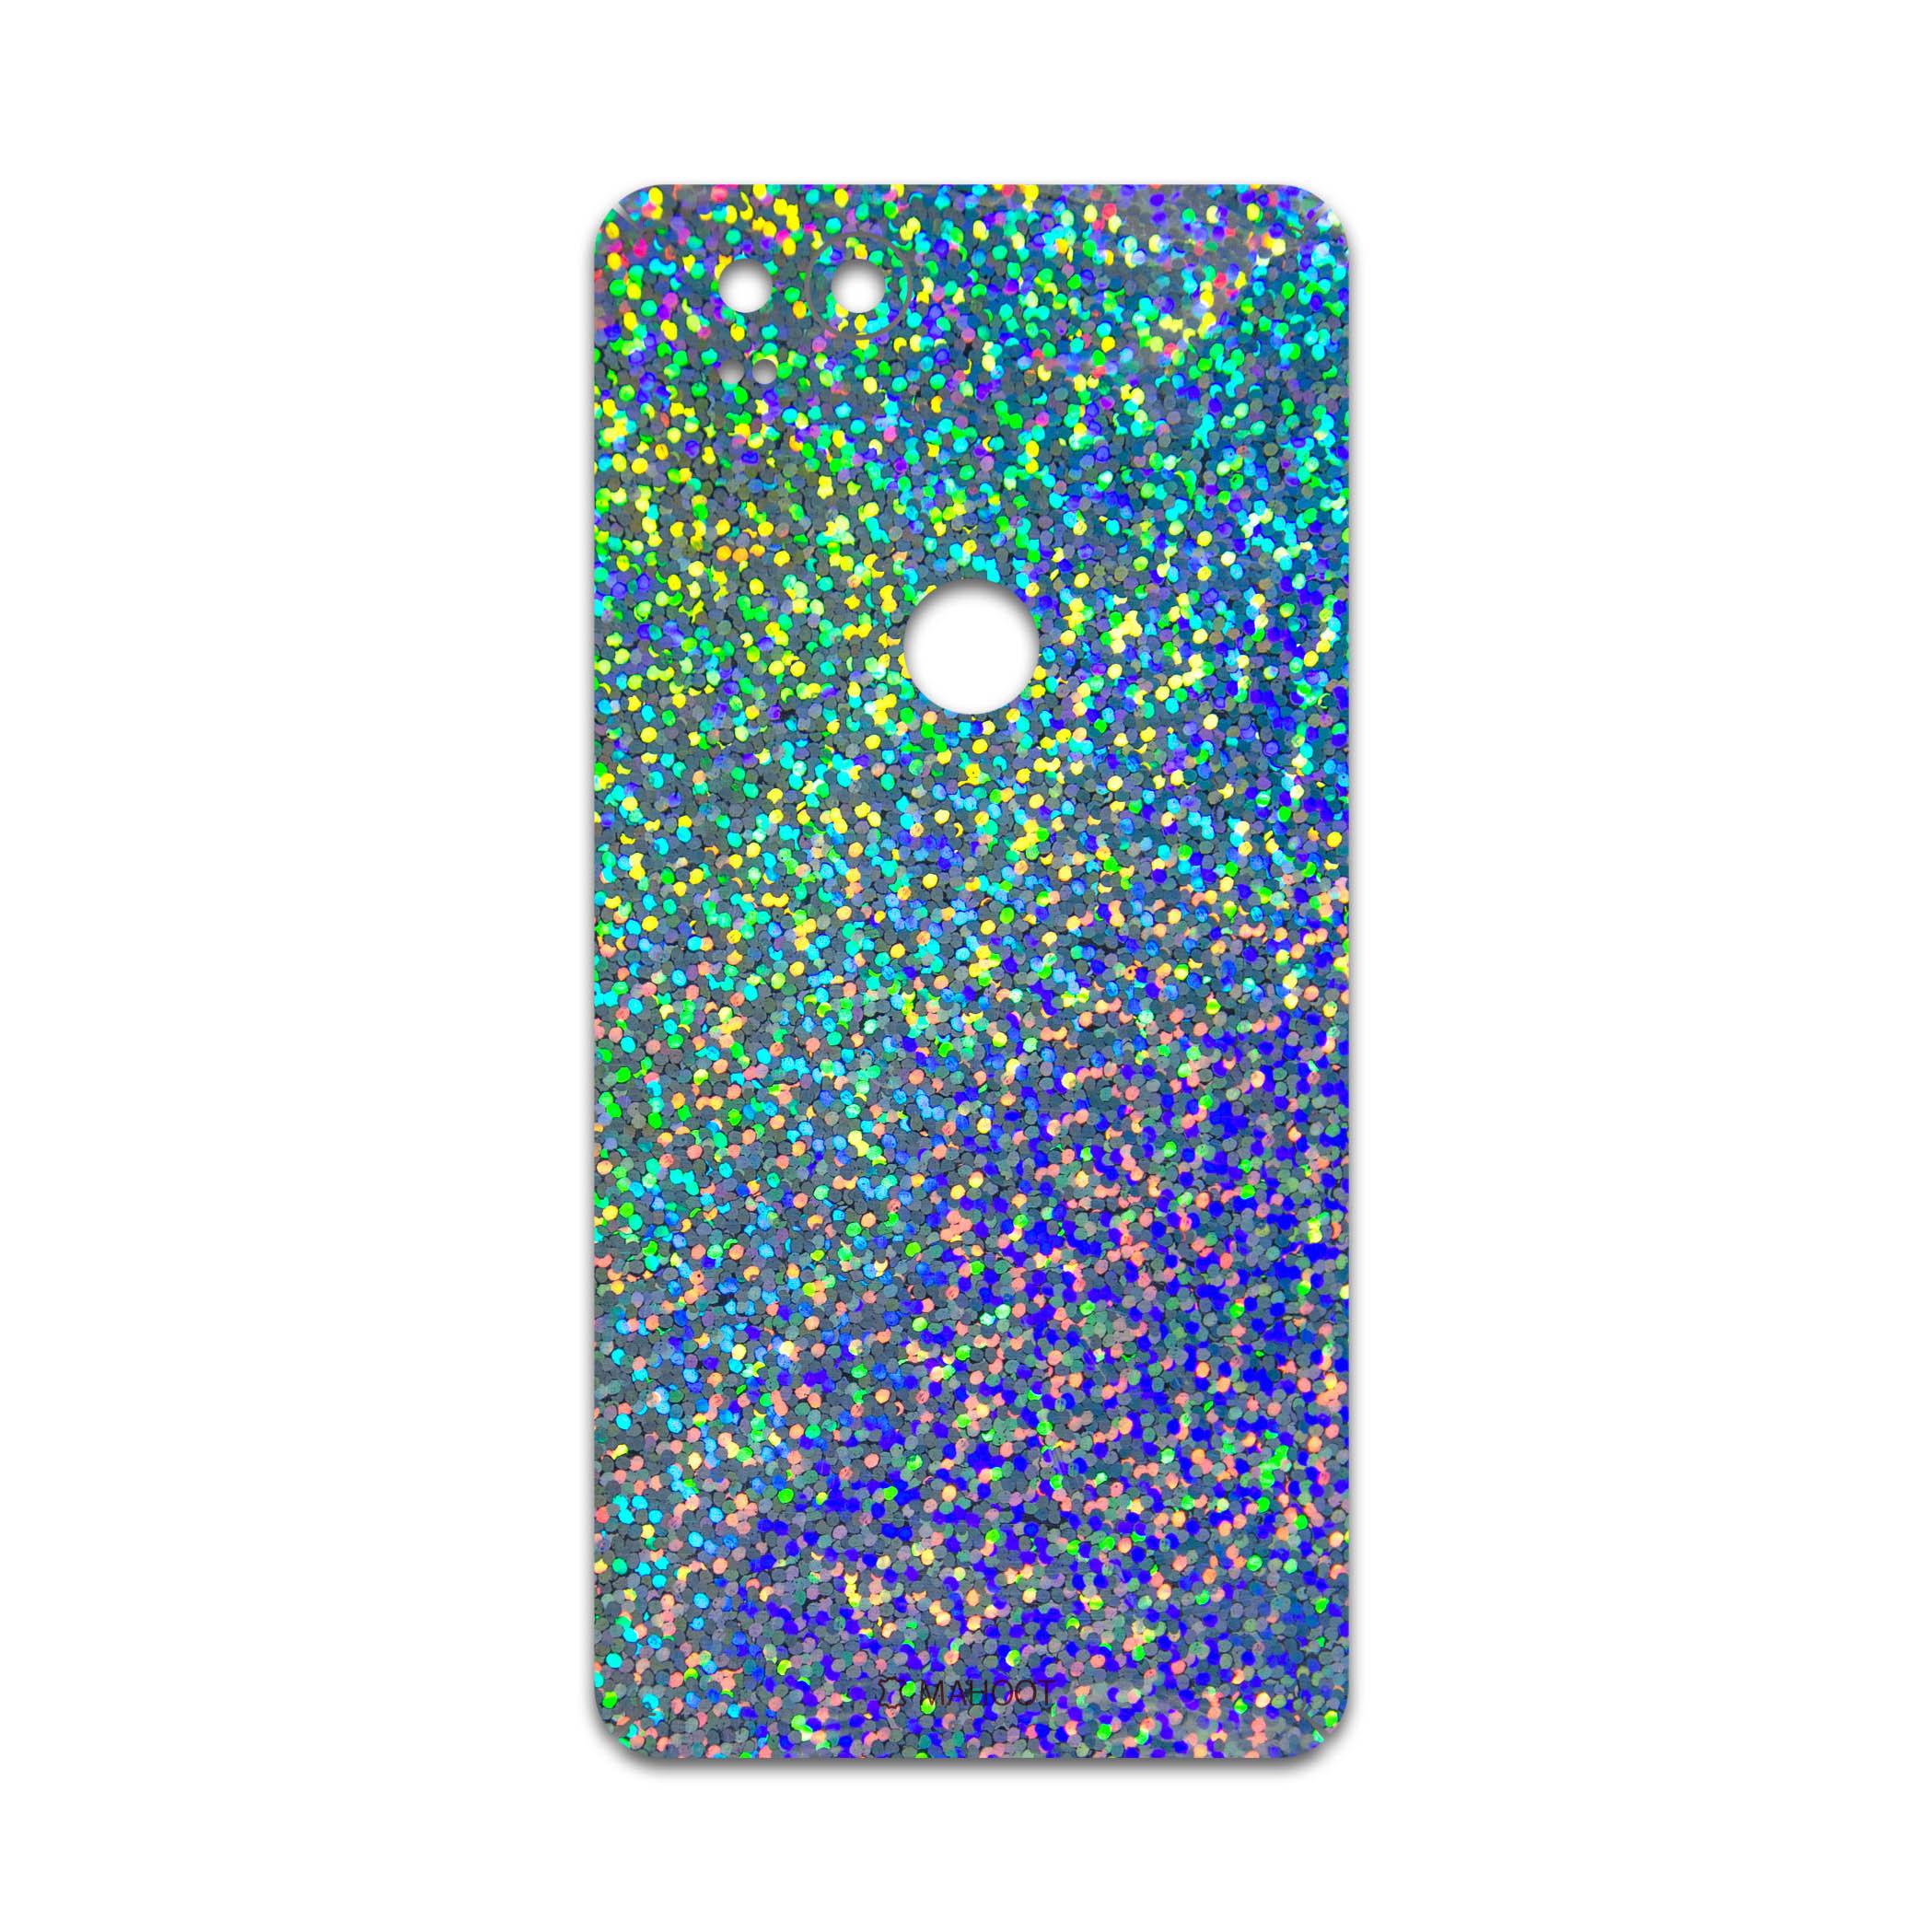 برچسب پوششی ماهوت مدل Holographic مناسب برای گوشی موبایل گوگل Pixel 2